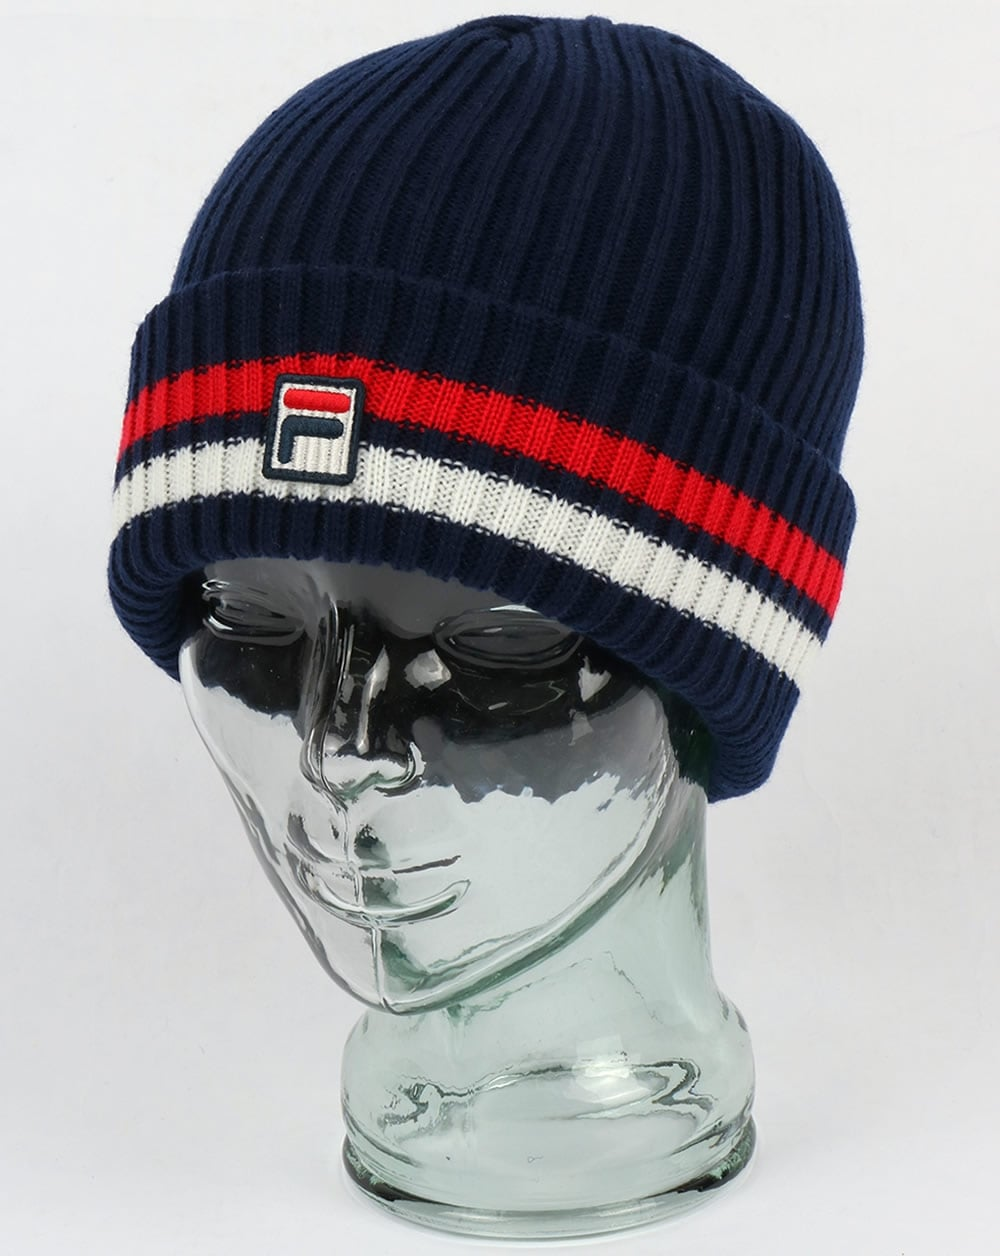 1664d38a Fila Vintage Snow Time Beanie Navy/red/white - fila vintage beanie hat